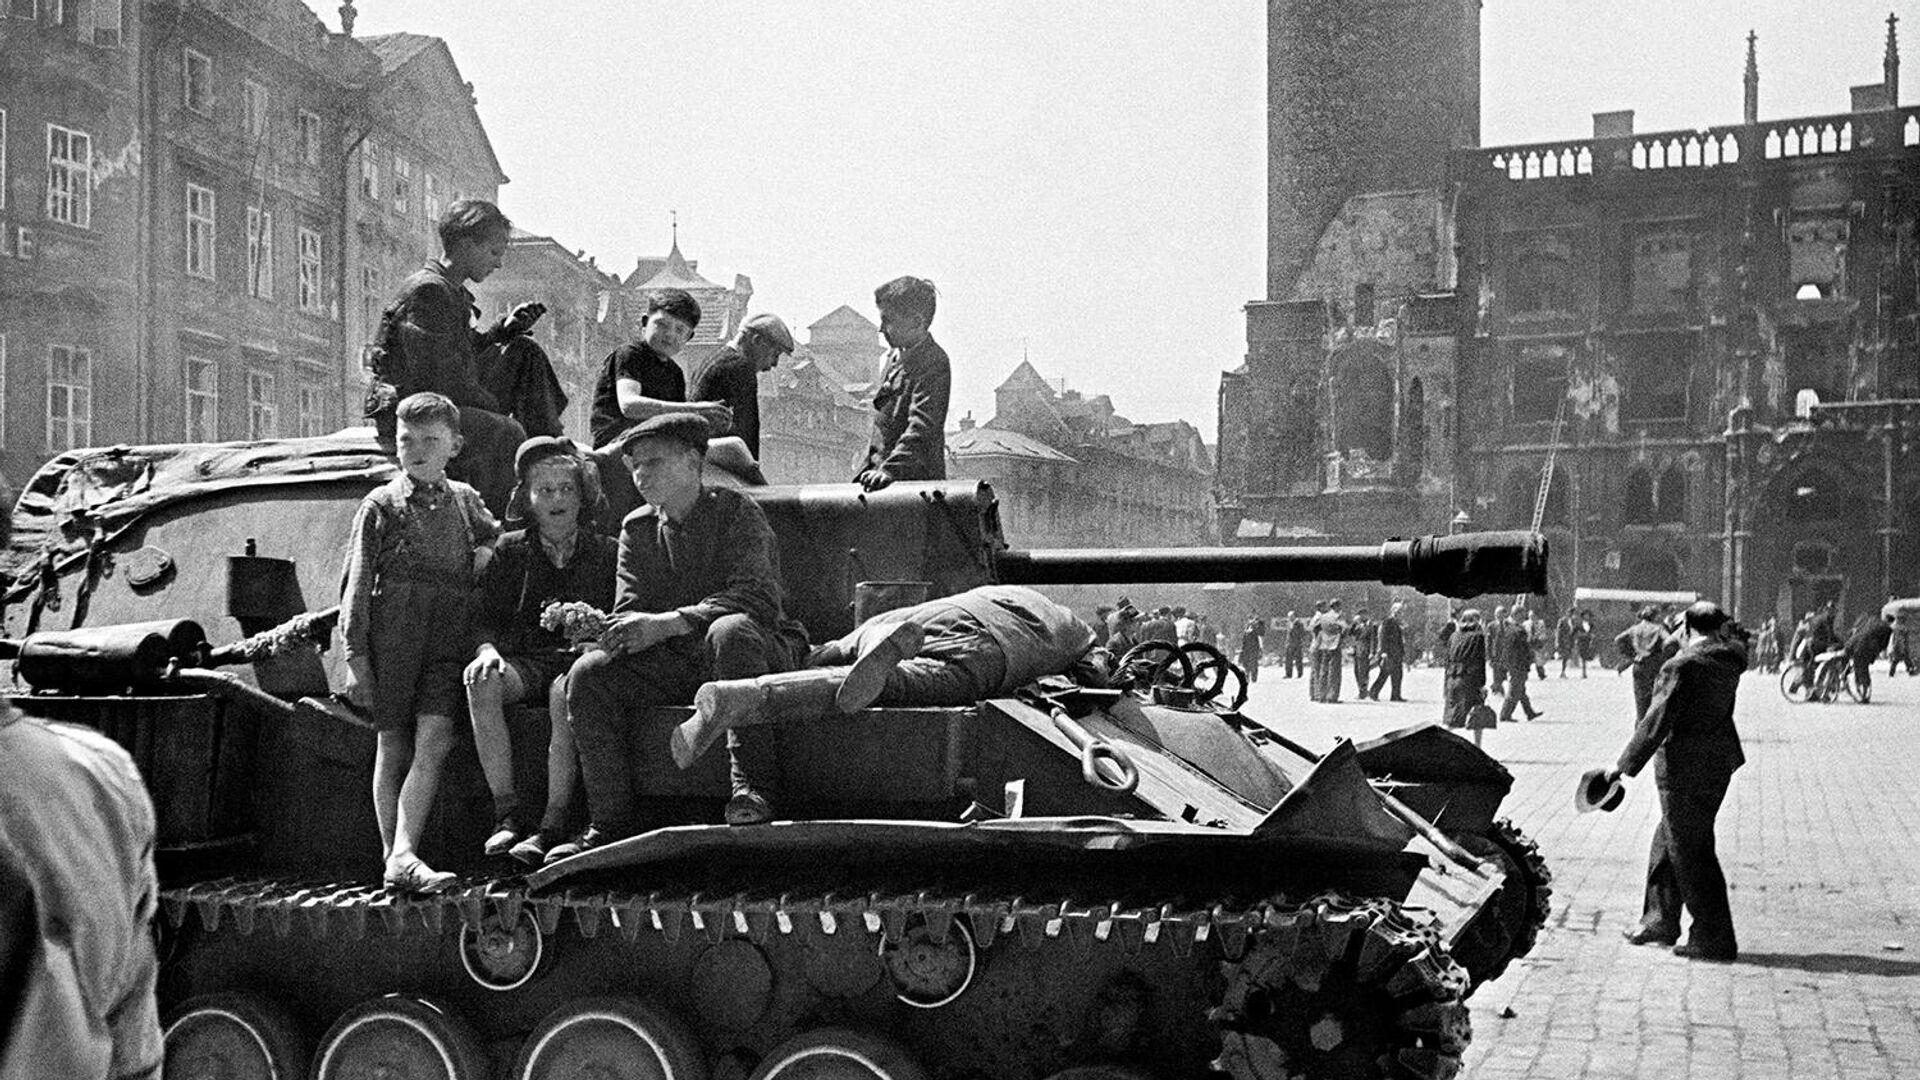 Дети сидят на броне самоходной артиллерийской установки в освобожденной Праге - РИА Новости, 1920, 08.05.2020